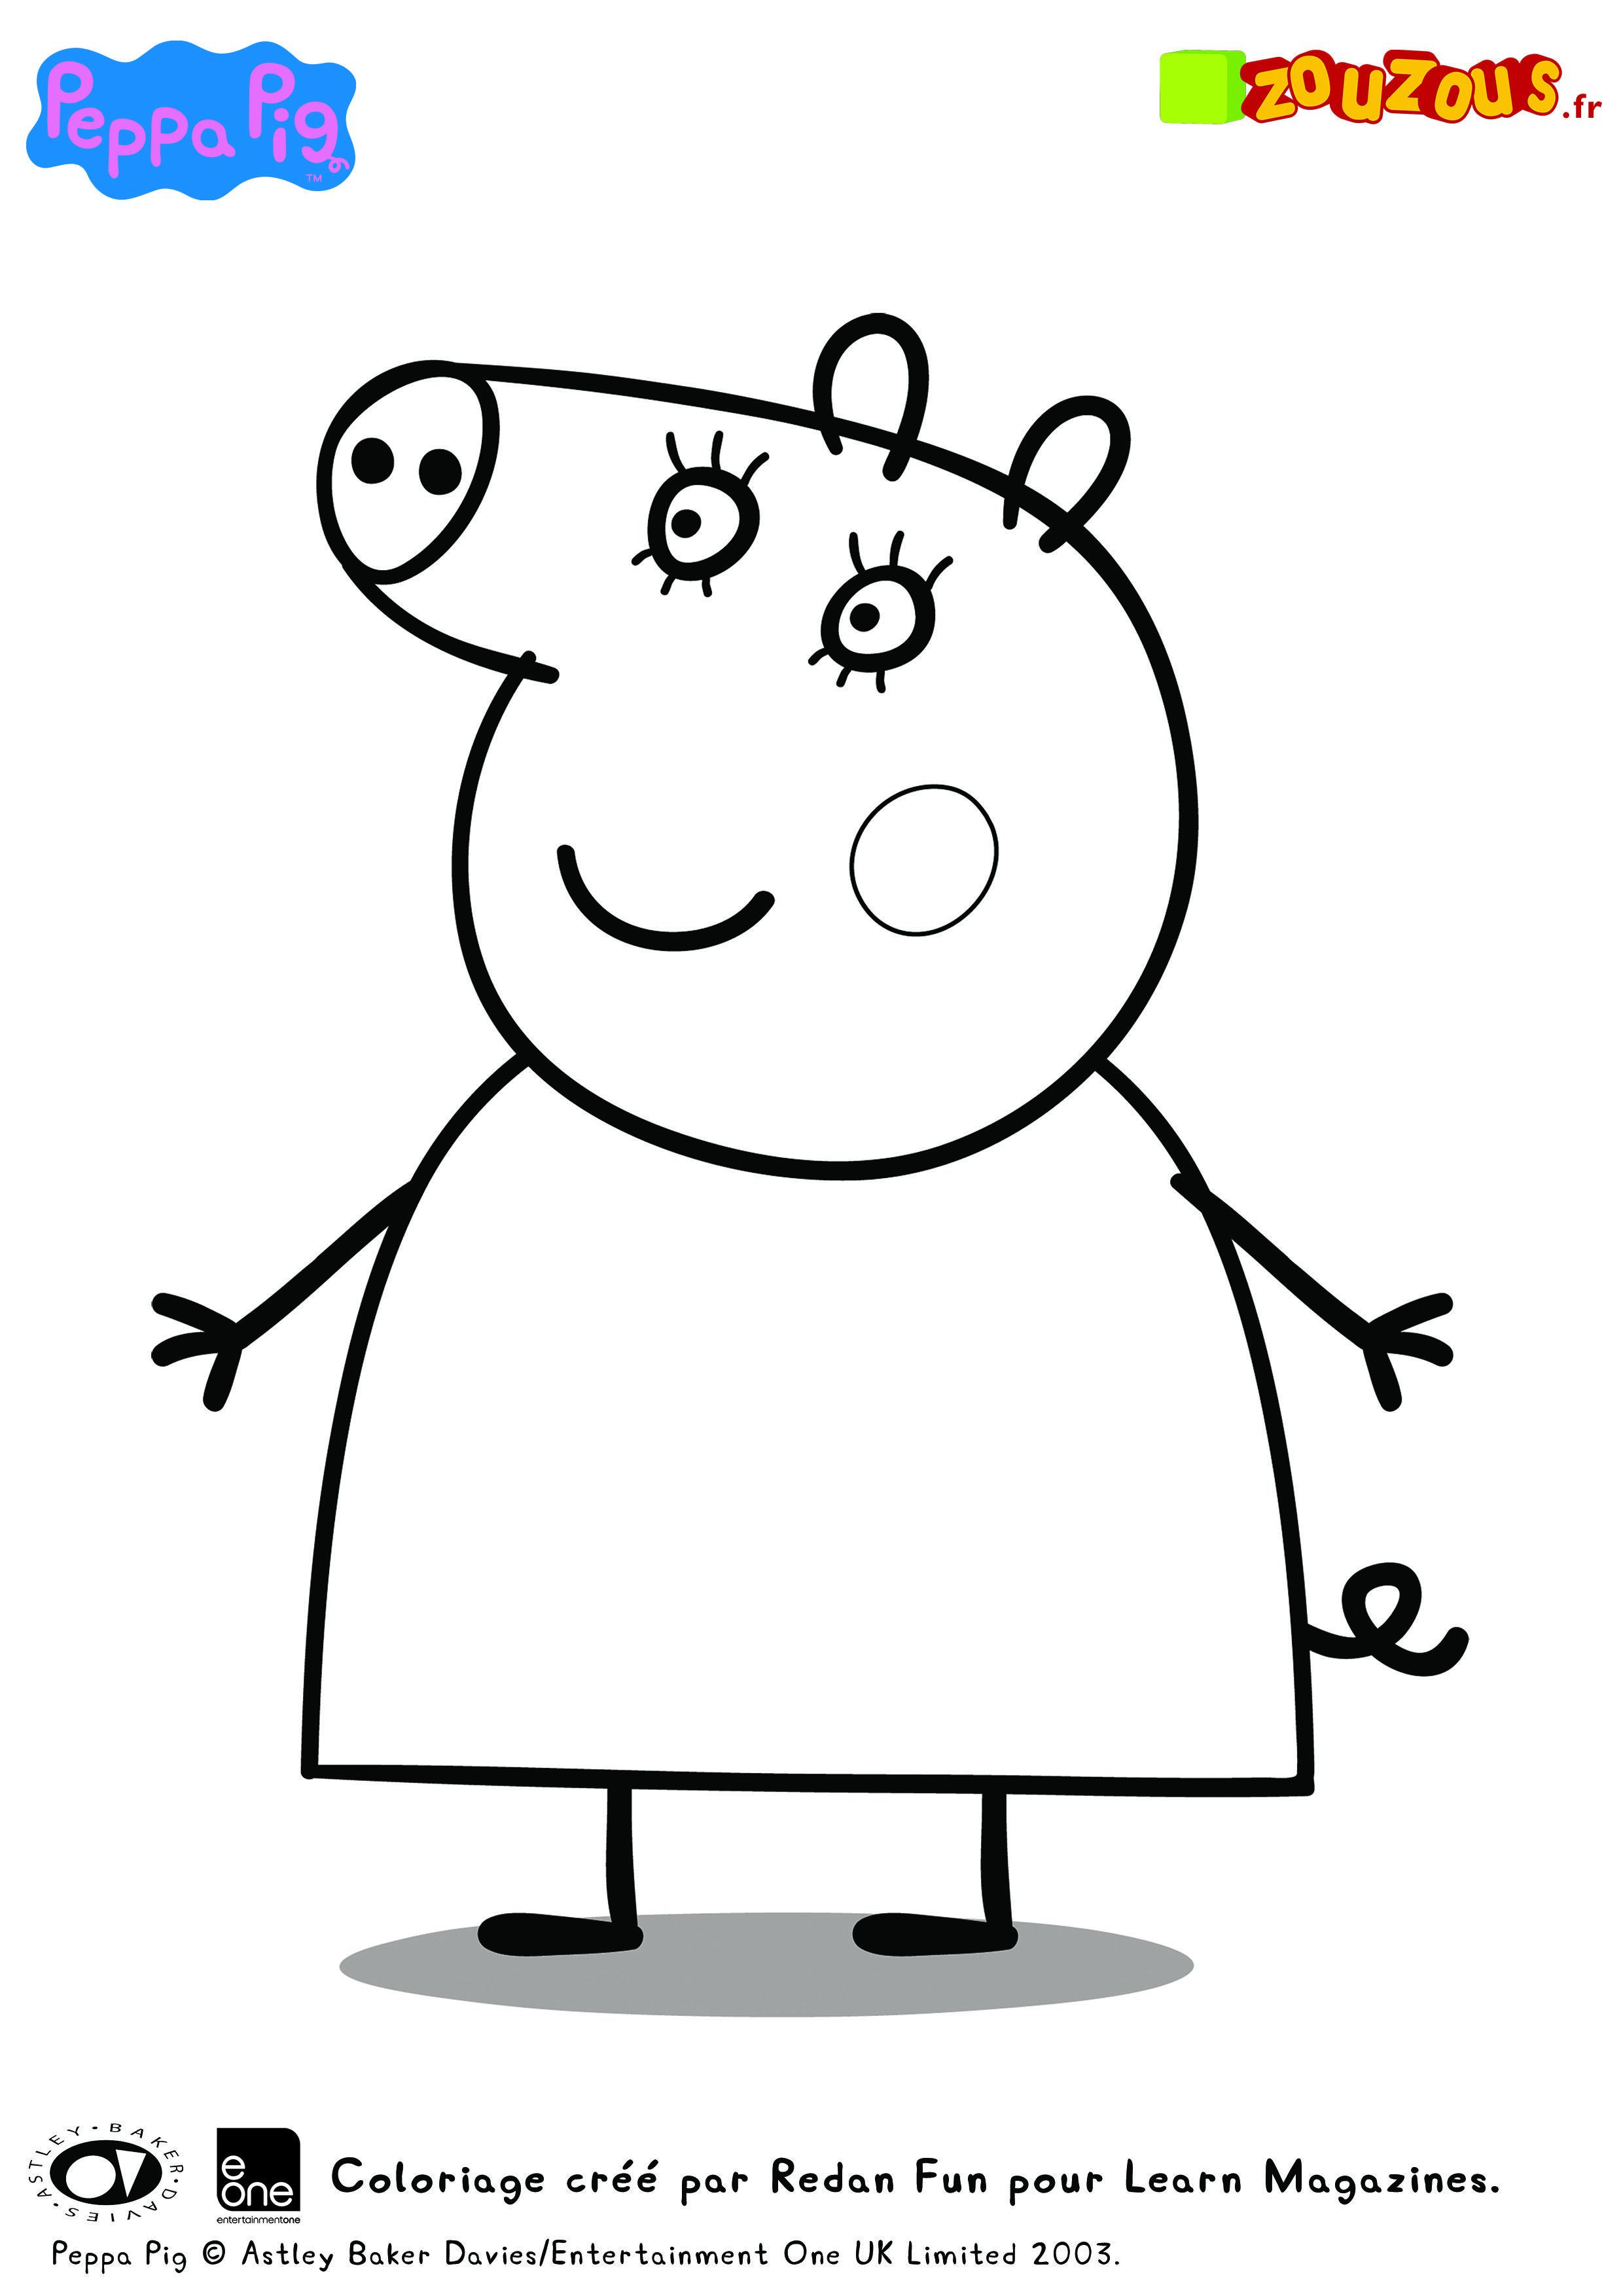 Meilleur De Dessin à Colorier Gratuit à Imprimer Peppa Pig